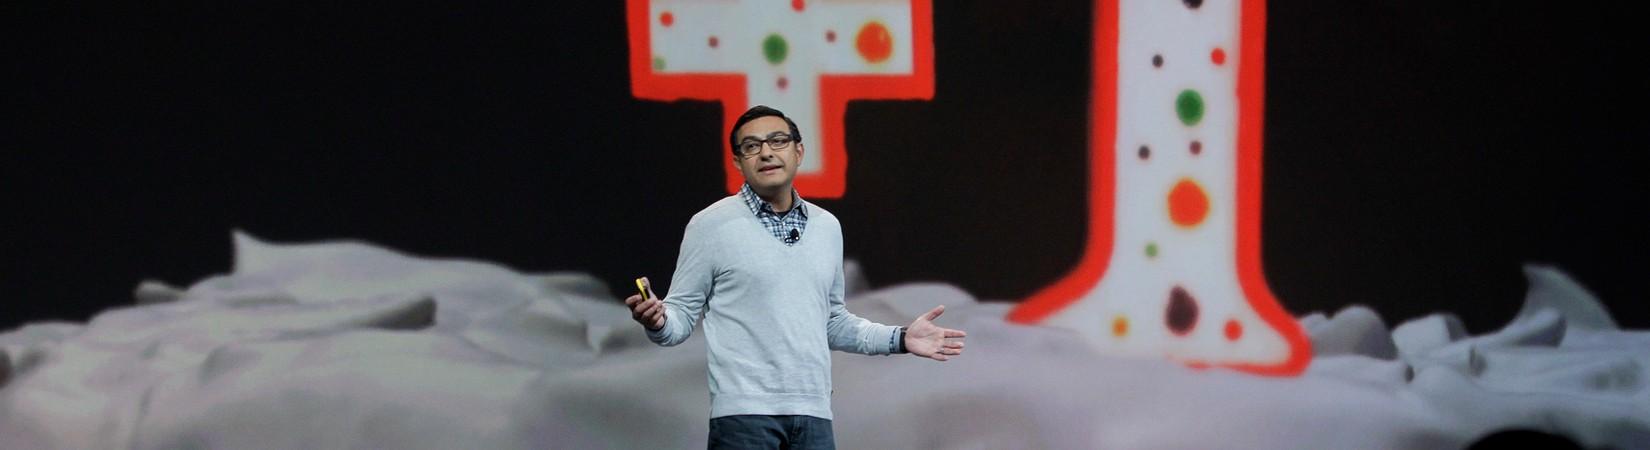 История Google+: Почему Facebook победил